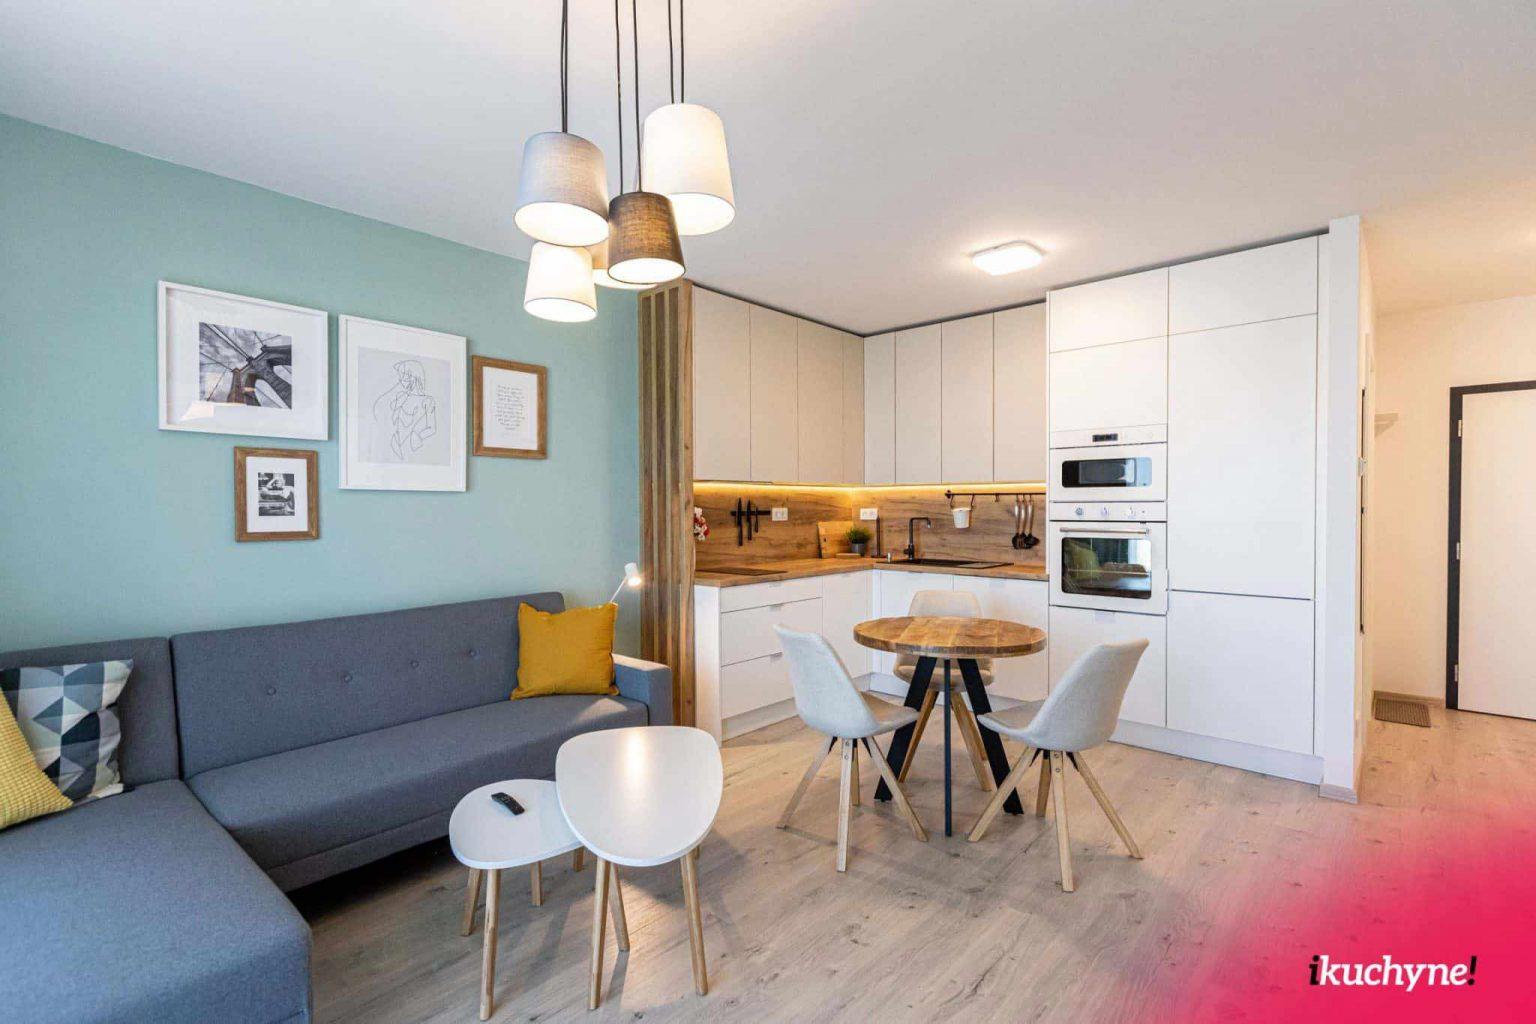 Kuchyňa s obývačkou v byte v modernom škandinávskom nádychu, zdroj: iKuchyne.sk